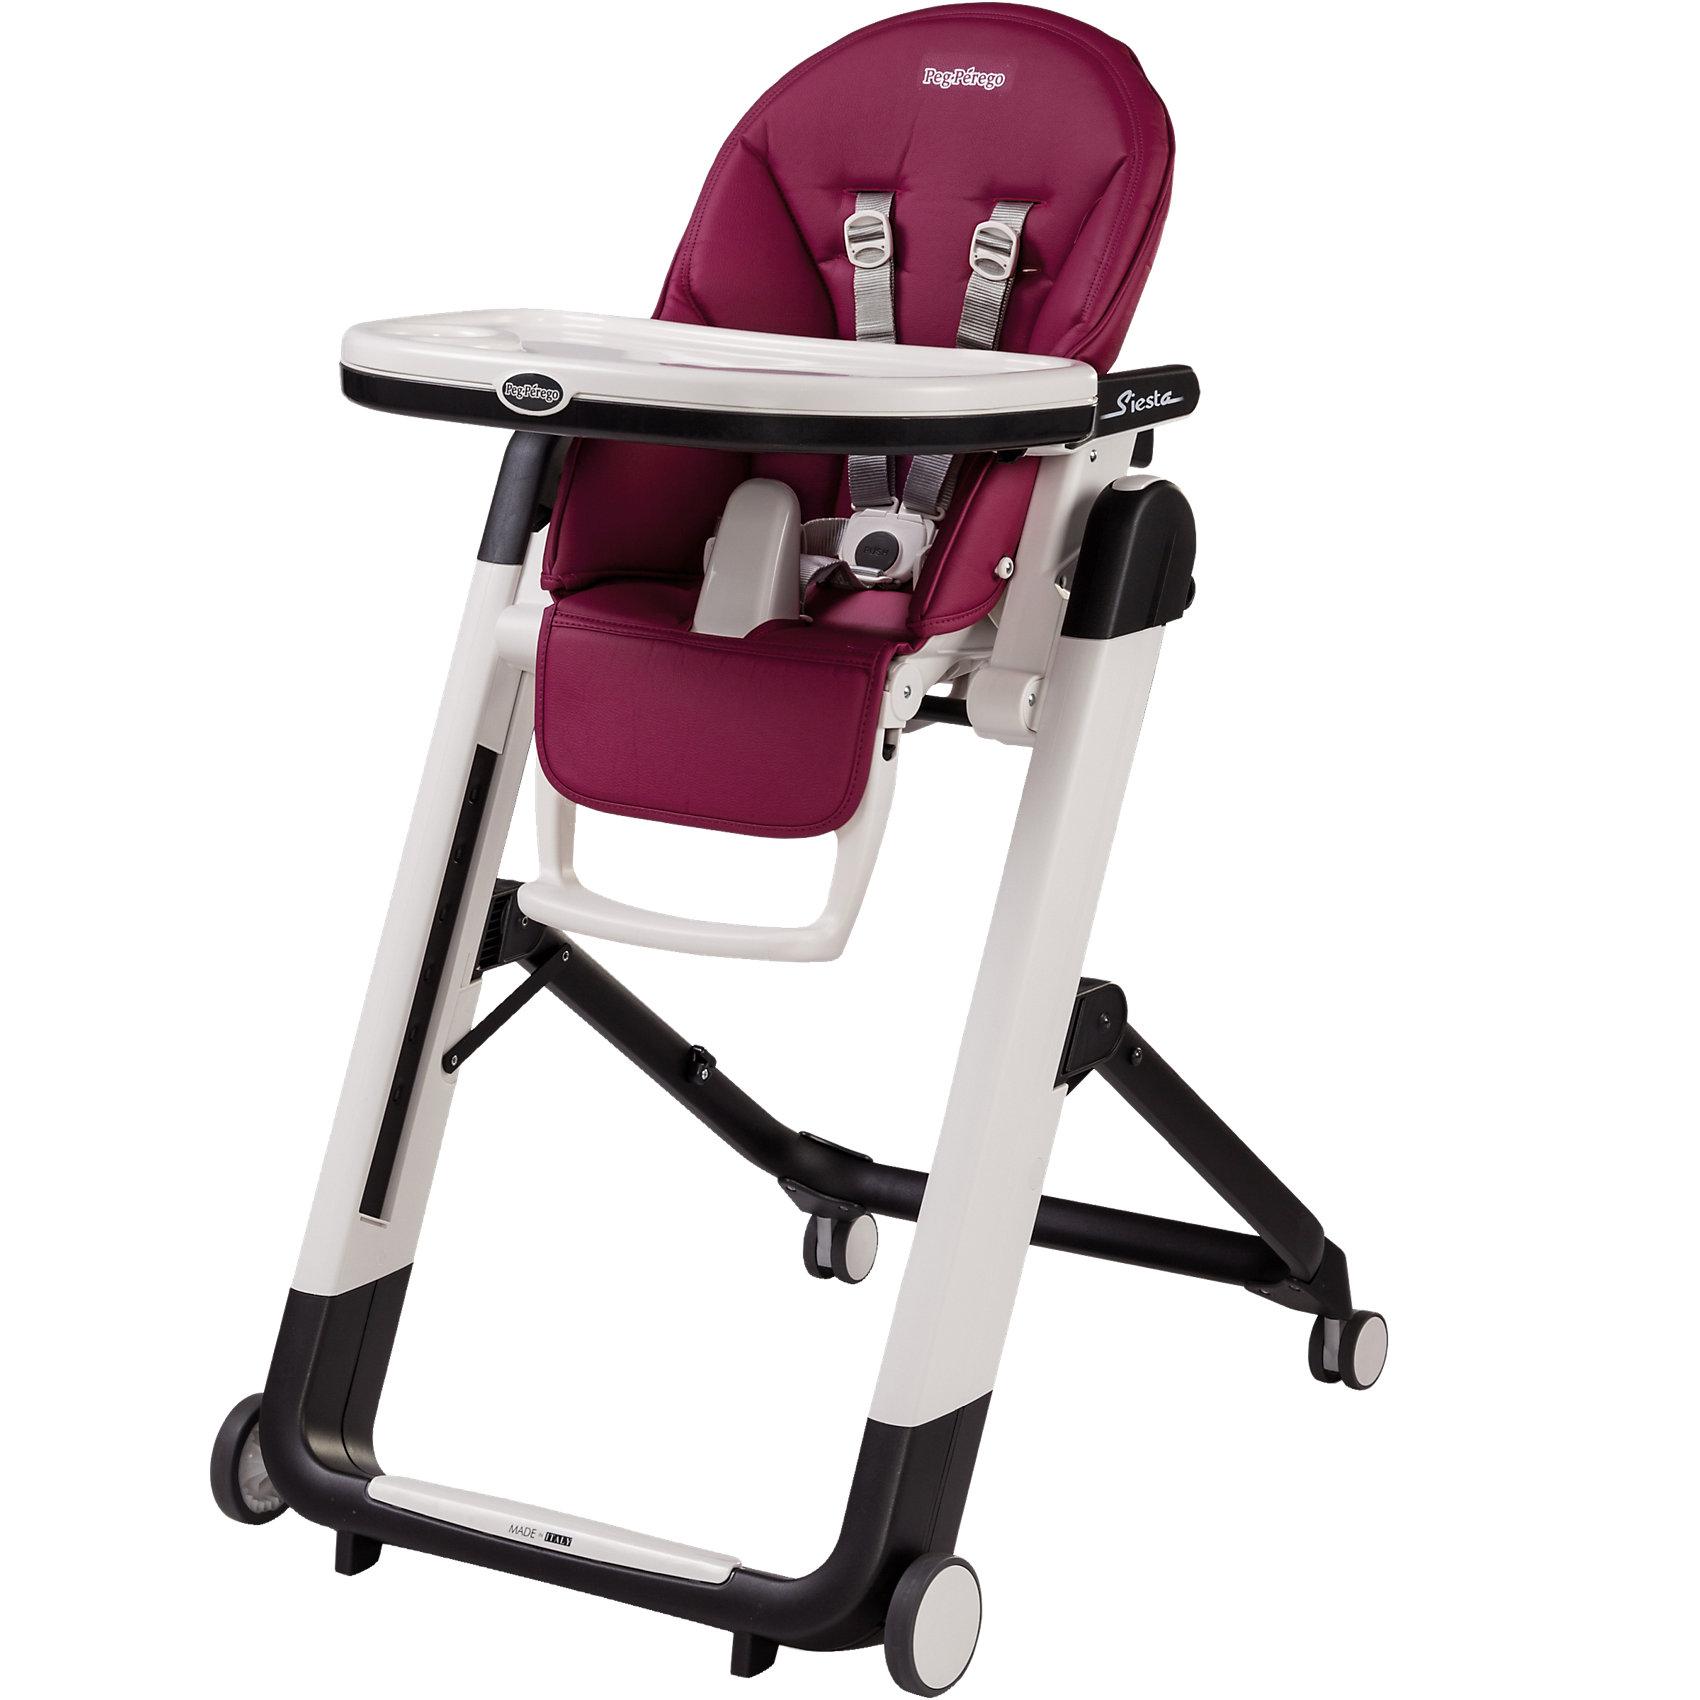 Стульчик для кормления Siesta, Peg-Perego, Berry малинаСтульчики для кормления<br>Удобный и функциональный стульчик Siesta, Peg-Perego, обеспечит комфорт и безопасность Вашего малыша во время кормления. Спинка сиденья легко регулируется в 5 положениях (вплоть до горизонтального), что позволяет использовать стульчик как для кормления так и для игр и<br>сна. Широкое и эргономичное мягкое сиденье будет удобно как малышу, так и ребенку постарше. Стульчик оснащен регулируемыми 5-точечными ремнями безопасности, а планка-разделитель для ножек под столиком не даст малышу соскользнуть. Высота стула регулируется в 9<br>положениях (от 33 до 65 см. от пола). Подножка регулируется в 3 позициях, позволяя выбрать оптимальное для ребенка положение. На задней части спинки размещается сетка для мелочей.<br><br>Широкий съемный столик оснащен подносом с отделениями для кружки или стакана, поднос можно снять для быстрой чистки и использовать основную поверхность для игр и занятий. Для детей постарше стул можно использовать без столика для кормления, придвинув его к столу<br>для взрослых. Ножки оснащены колесиками с блокираторами, что позволяет легко перемещать стульчик по комнате. Кожаный чехол легко снимается для чистки. Стульчик легко и компактно складывается и занимает мало места при хранении. Подходит для детей в возрасте от 0<br>месяцев до 3 лет.<br><br>Дополнительная информация:<br><br>- Цвет: Berry малина.<br>- Материал: пластик, эко-кожа.<br>- Высота спинки сиденья: 44 см.<br>- Ширина сиденья: 27 см.<br>- Размер в разложенном состоянии: 60 х 75 х 104,5 см. <br>- Размер в сложенном состоянии: 60 х 35 х 89 cм. <br>- Вес: 7,6 кг.<br><br>Стульчик для кормления Siesta, Peg-Perego, Berry малина, можно купить в нашем интернет-магазине.<br><br>Ширина мм: 910<br>Глубина мм: 620<br>Высота мм: 300<br>Вес г: 13414<br>Цвет: лиловый<br>Возраст от месяцев: 0<br>Возраст до месяцев: 36<br>Пол: Женский<br>Возраст: Детский<br>SKU: 4009937